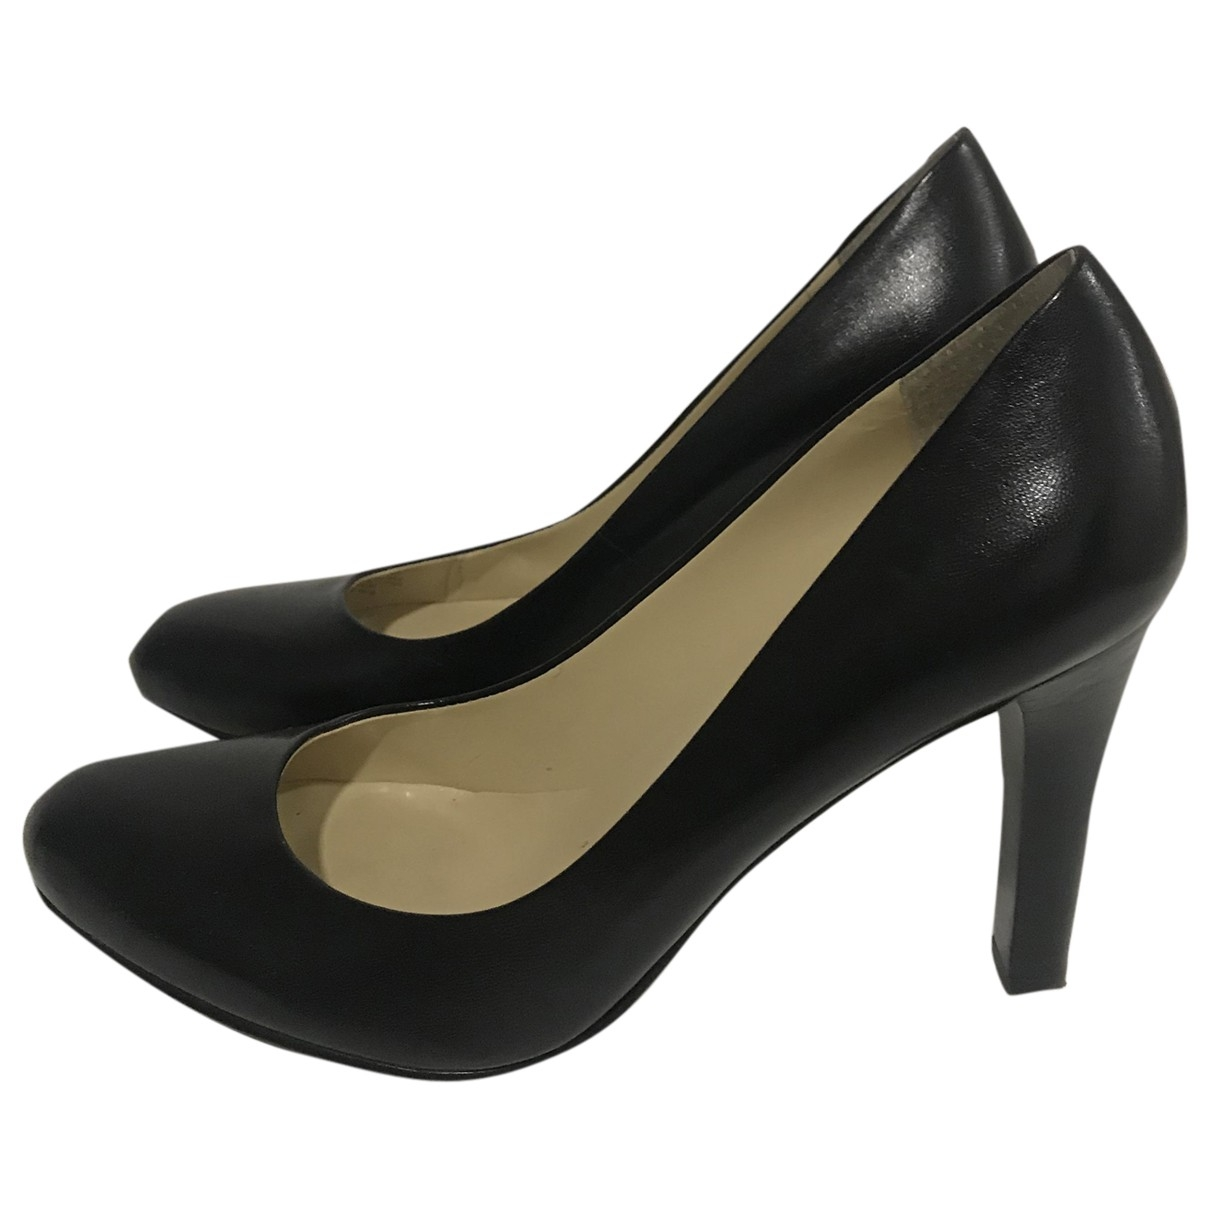 Lauren Ralph Lauren \N Black Leather Heels for Women 7.5 UK